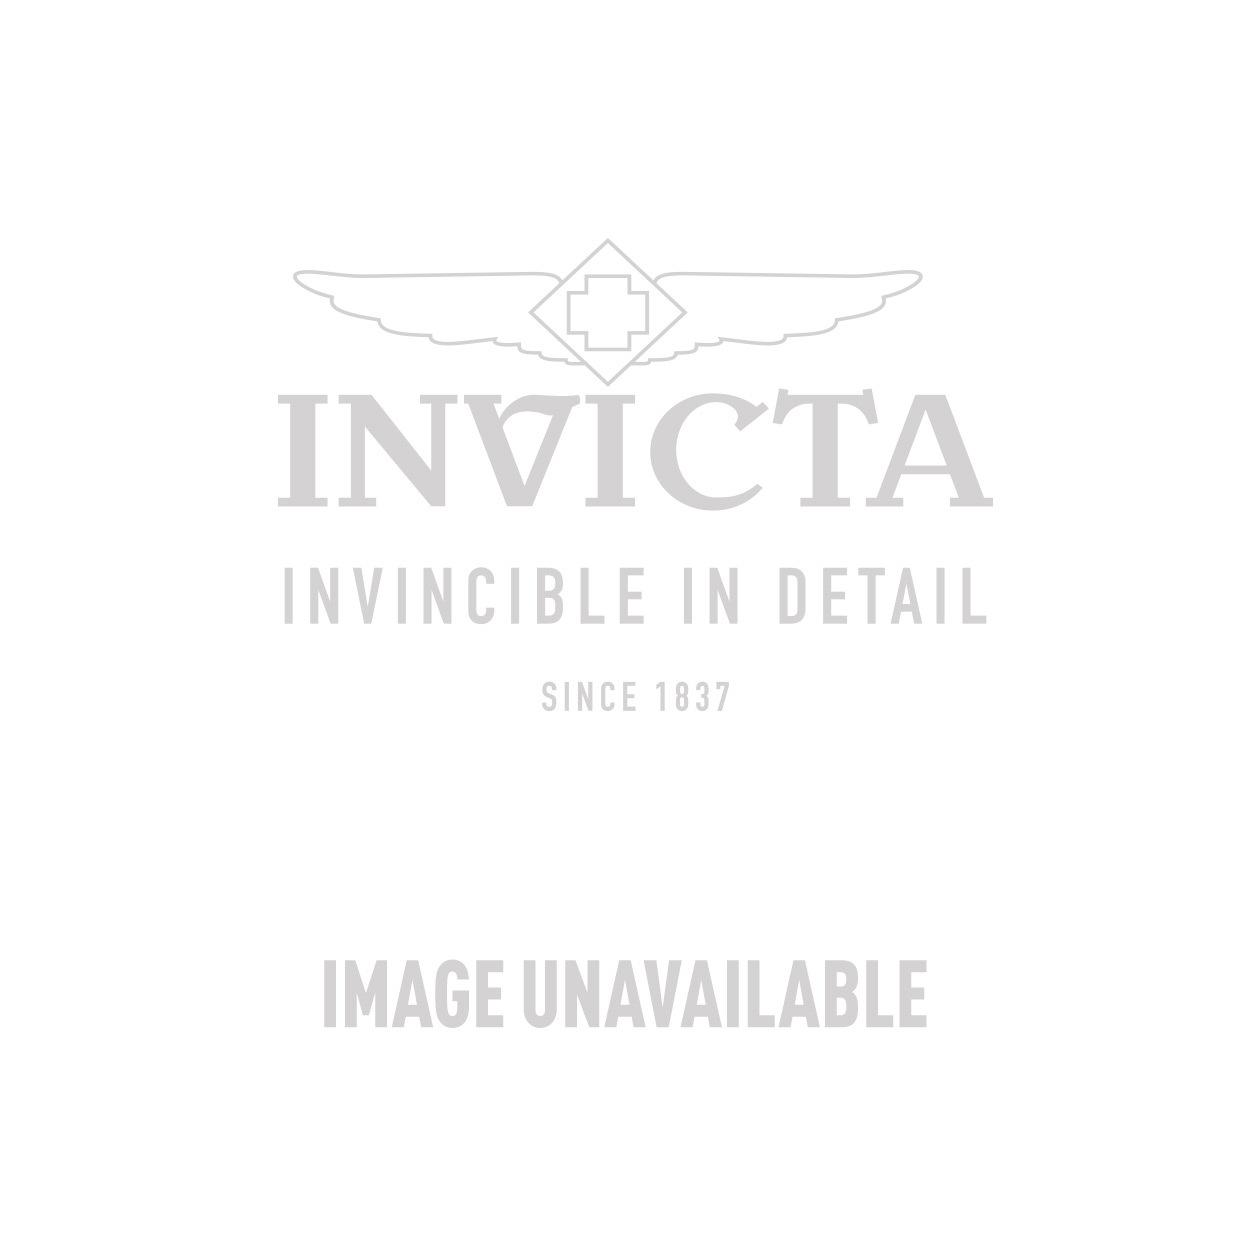 Invicta Model 24091